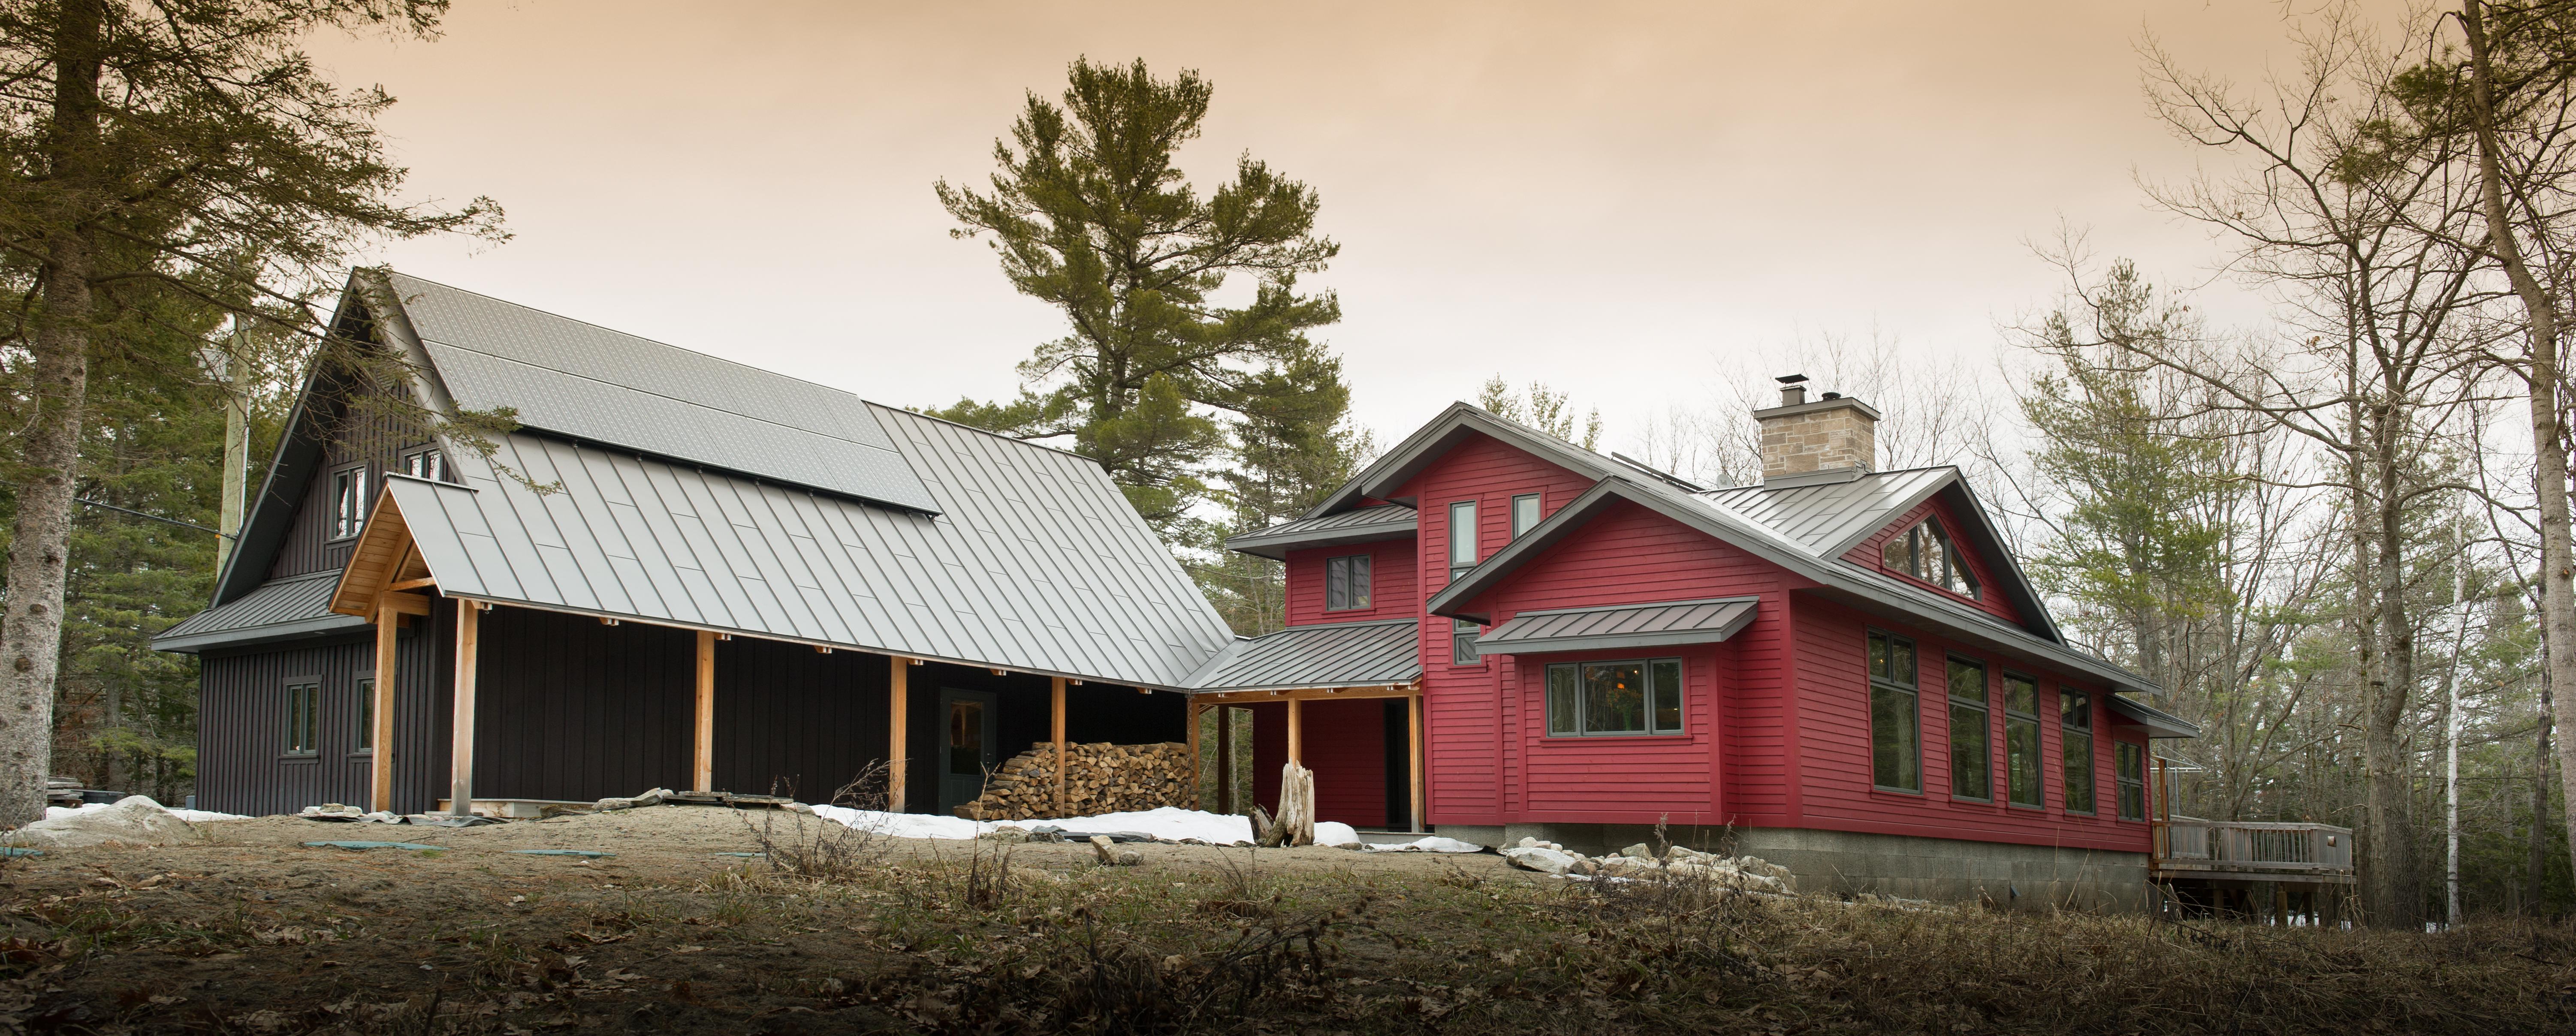 Modular Homes Barn Style House Style Ideas